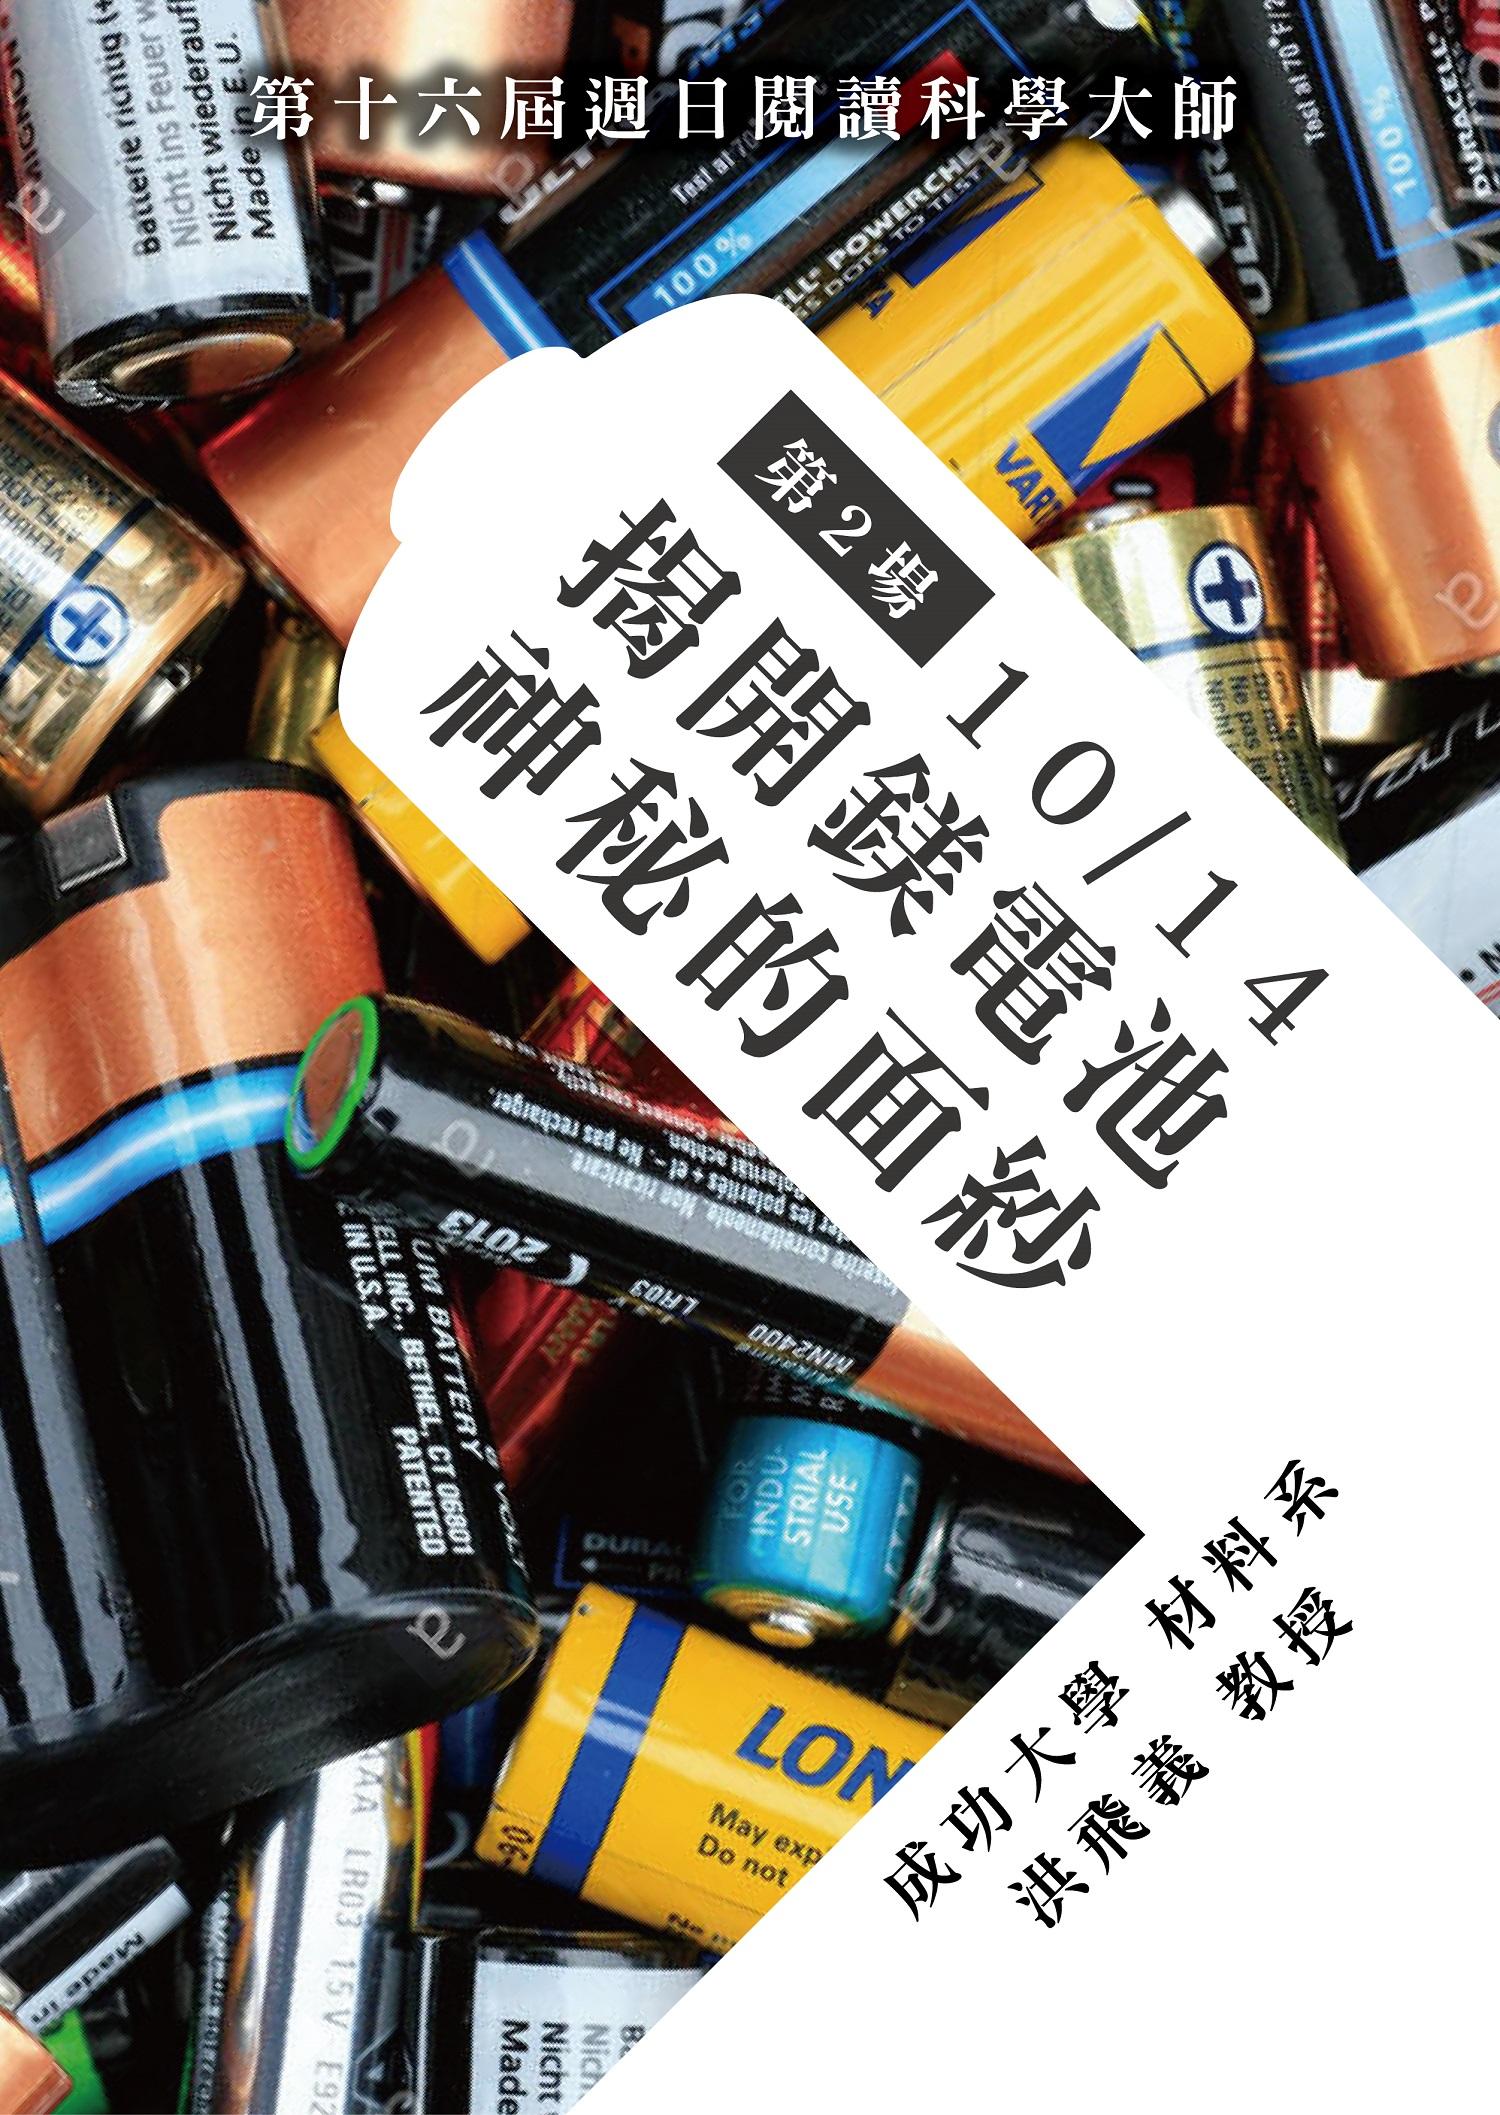 【活動】週日閱讀科學大師講座 揭開鎂電池神秘面紗-成大